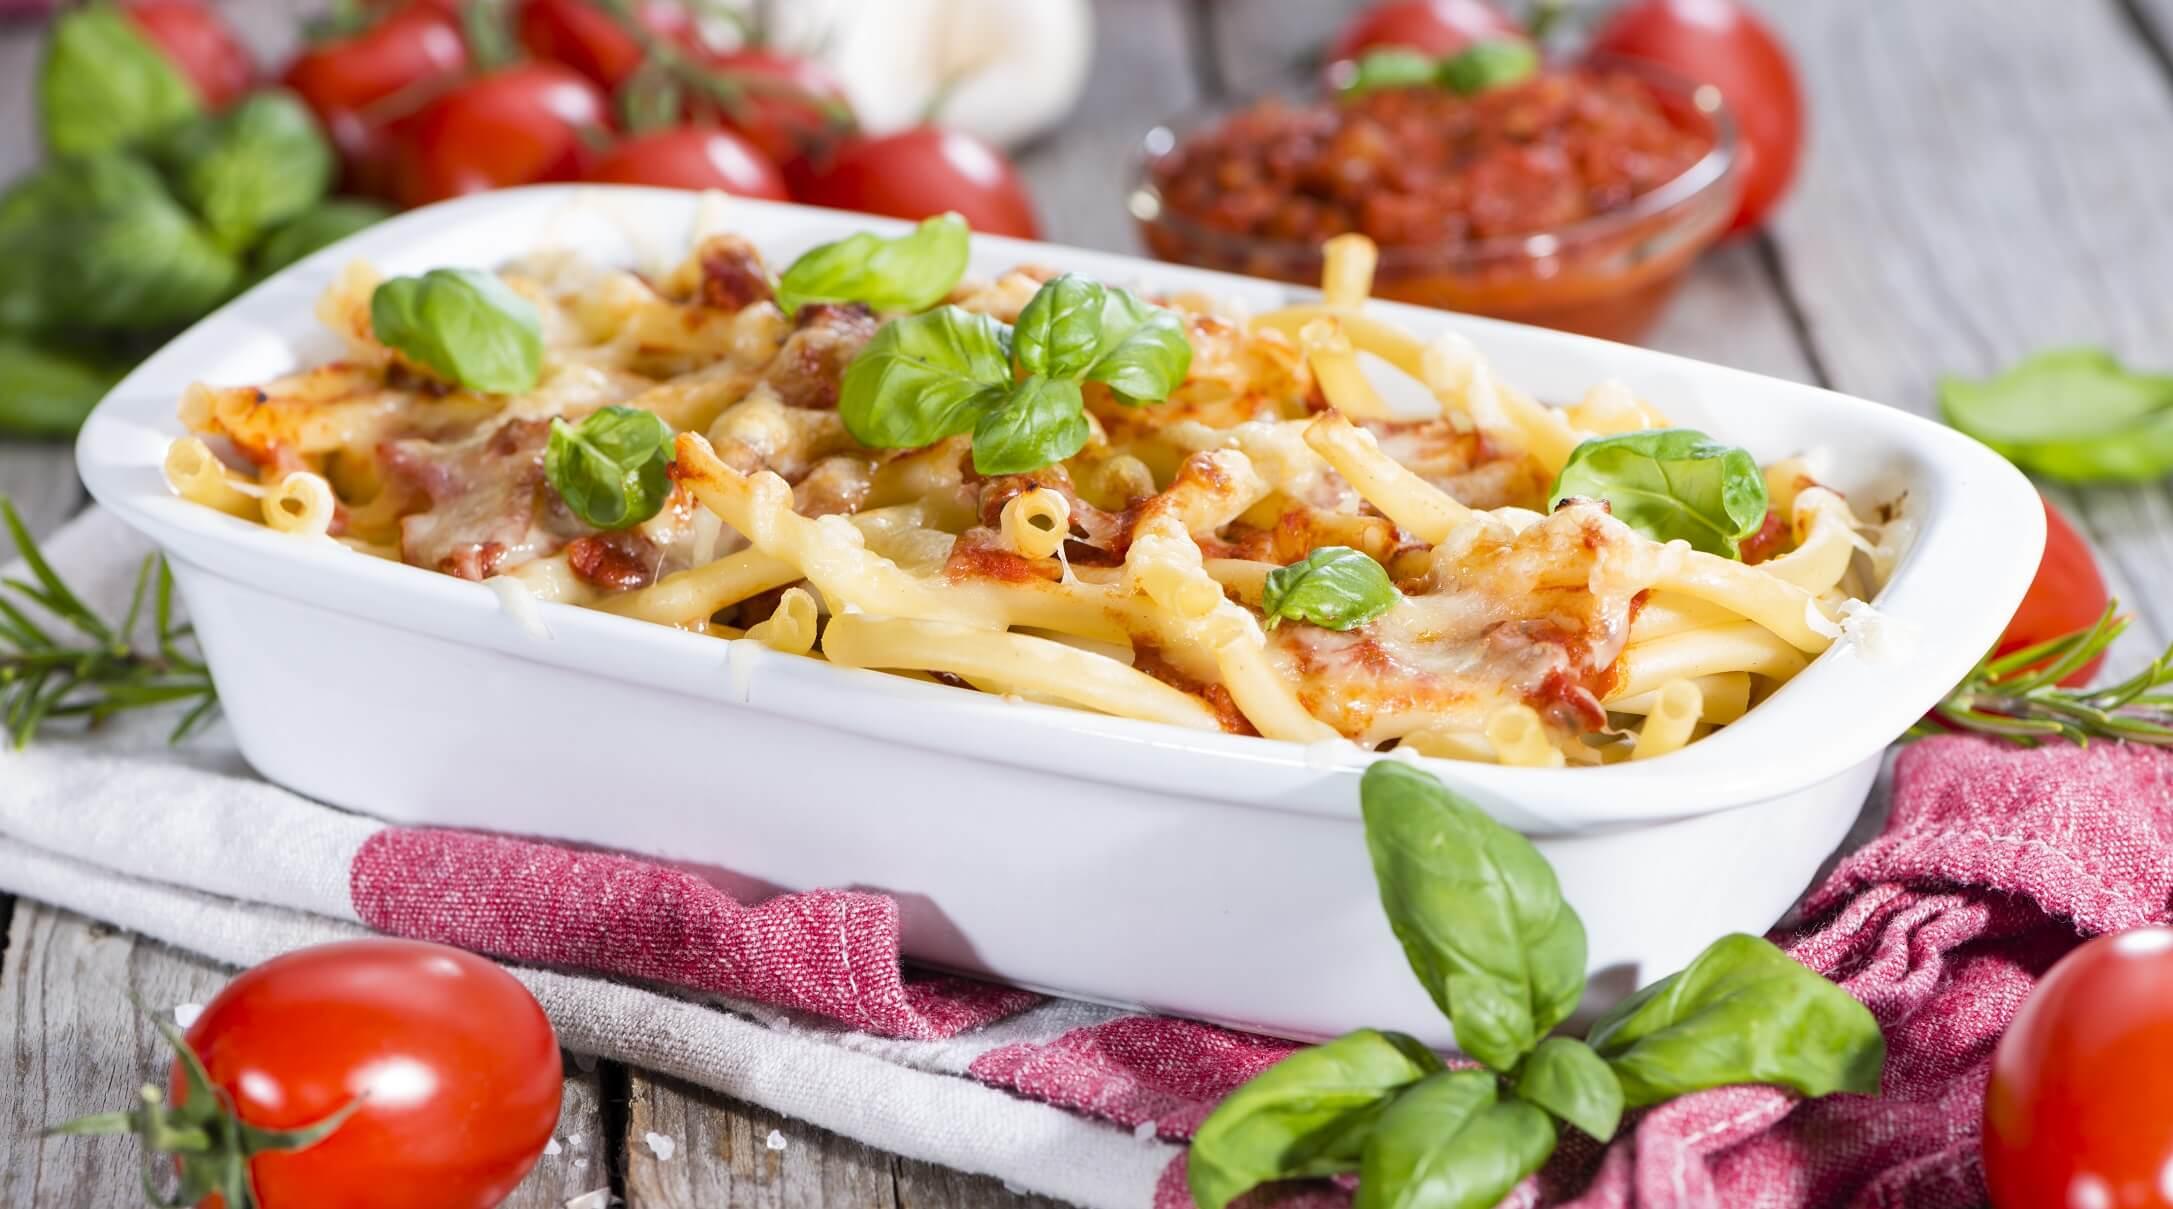 Nudelauflauf-Rezept-mit-Hackfleisch-Gemuese-vegetarisch-vegan-Schinken-Brokkoli